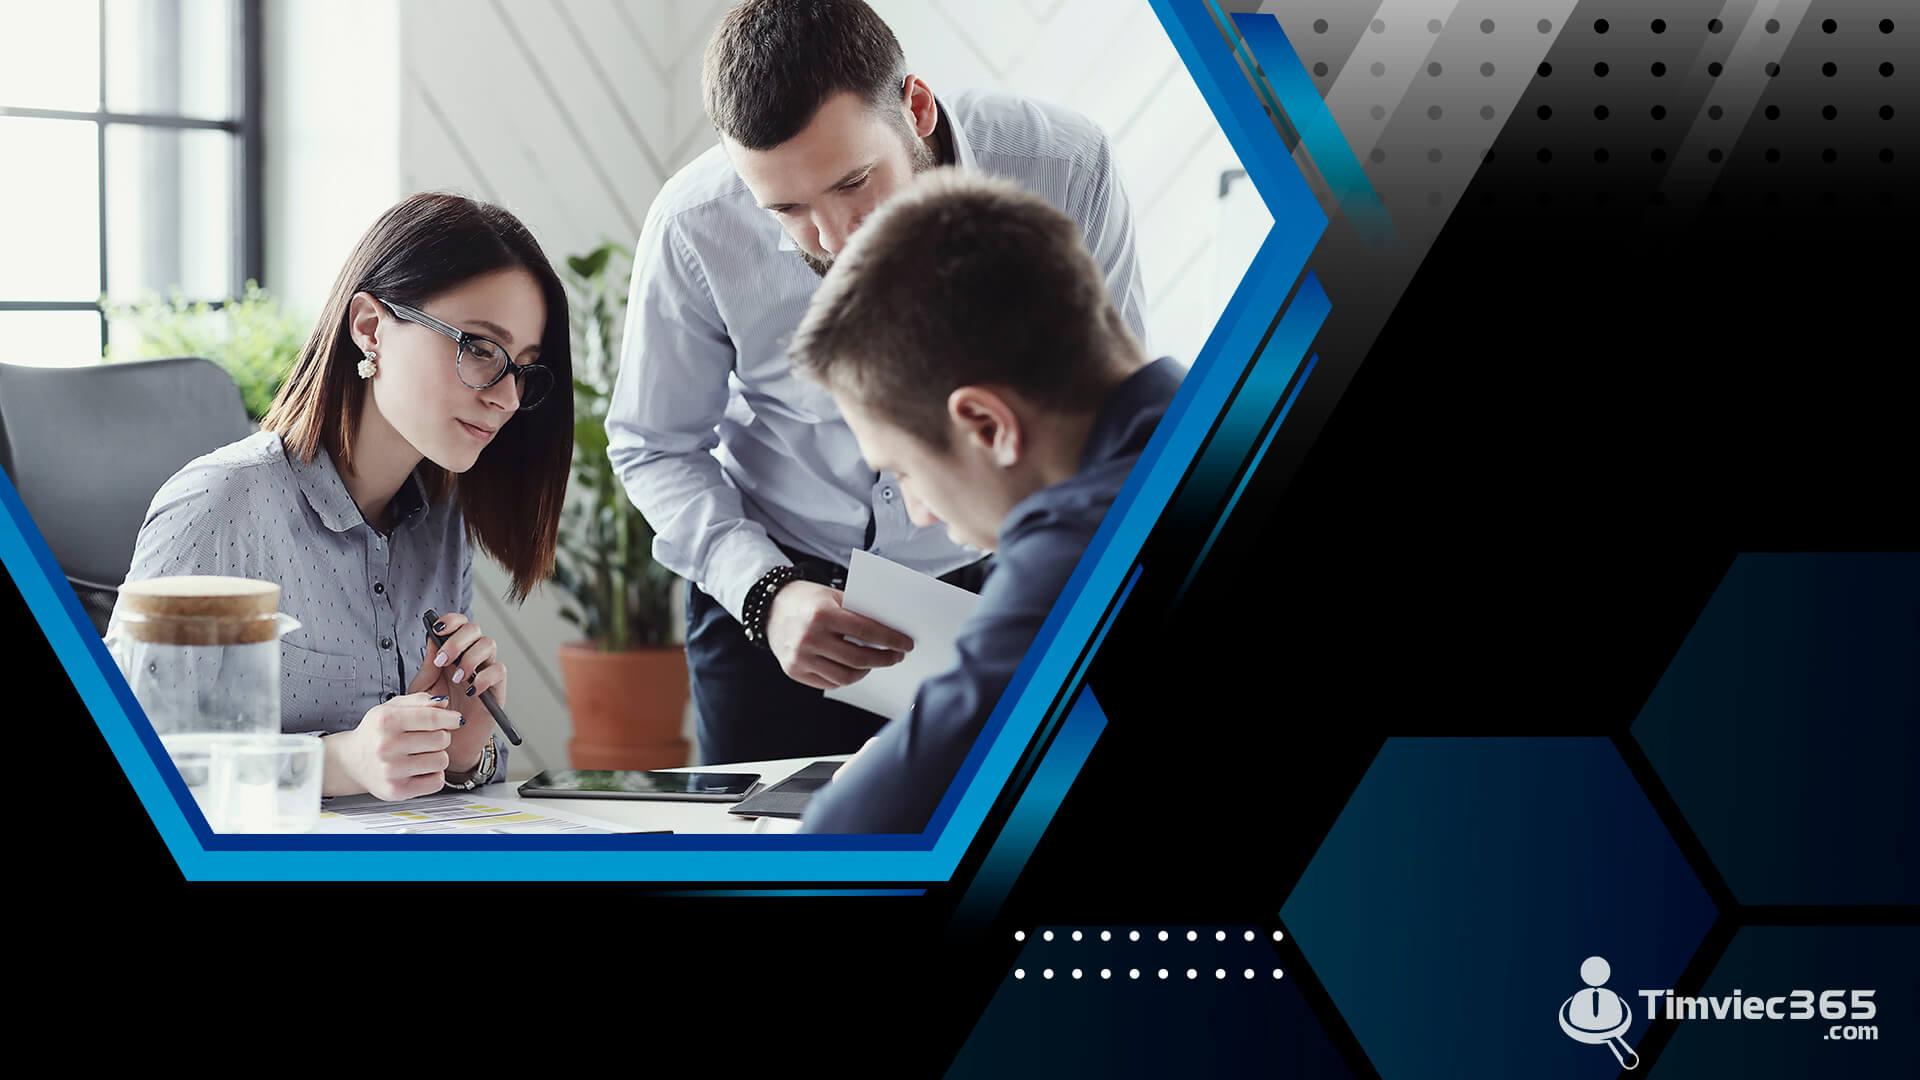 [Vạch trần] Kỹ năng nhân sự là gì? Cách quản lý nhân sự hiệu quả?